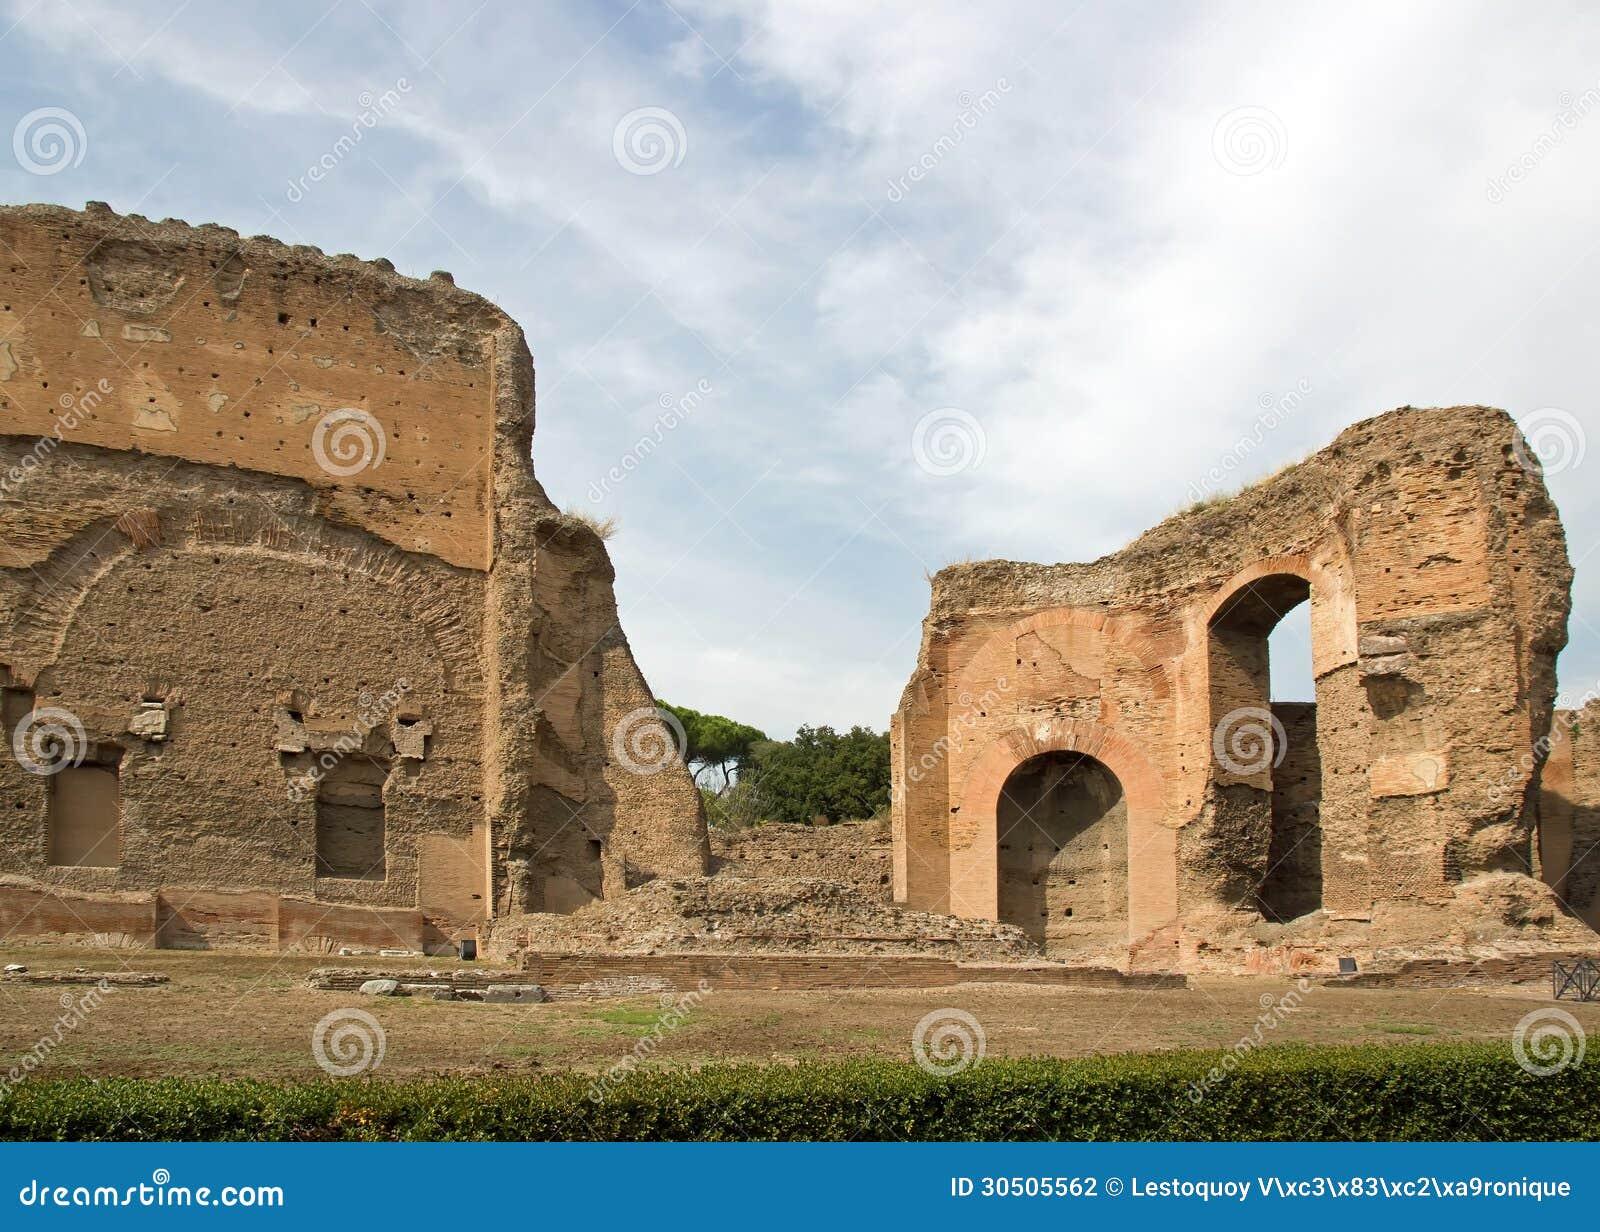 Diseno De Baños Termales:Baths of Caracalla Rome-Italy